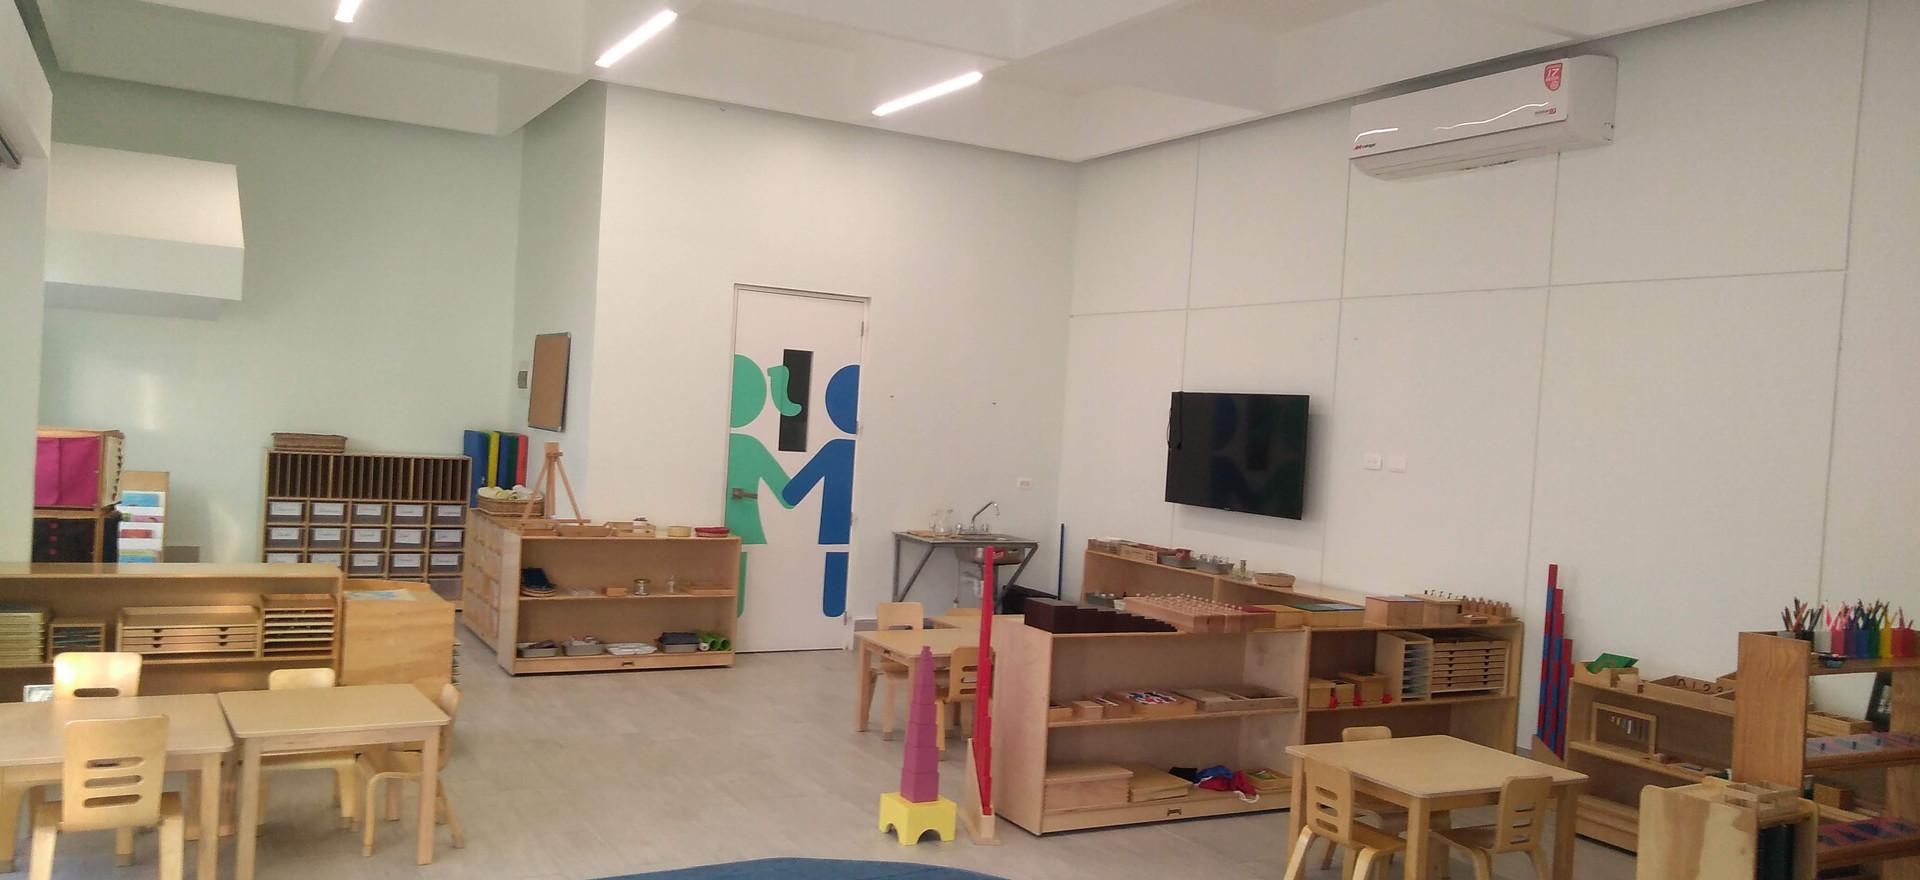 Diseño de interiores de escuelas. Ambar Consultores Arquitectos